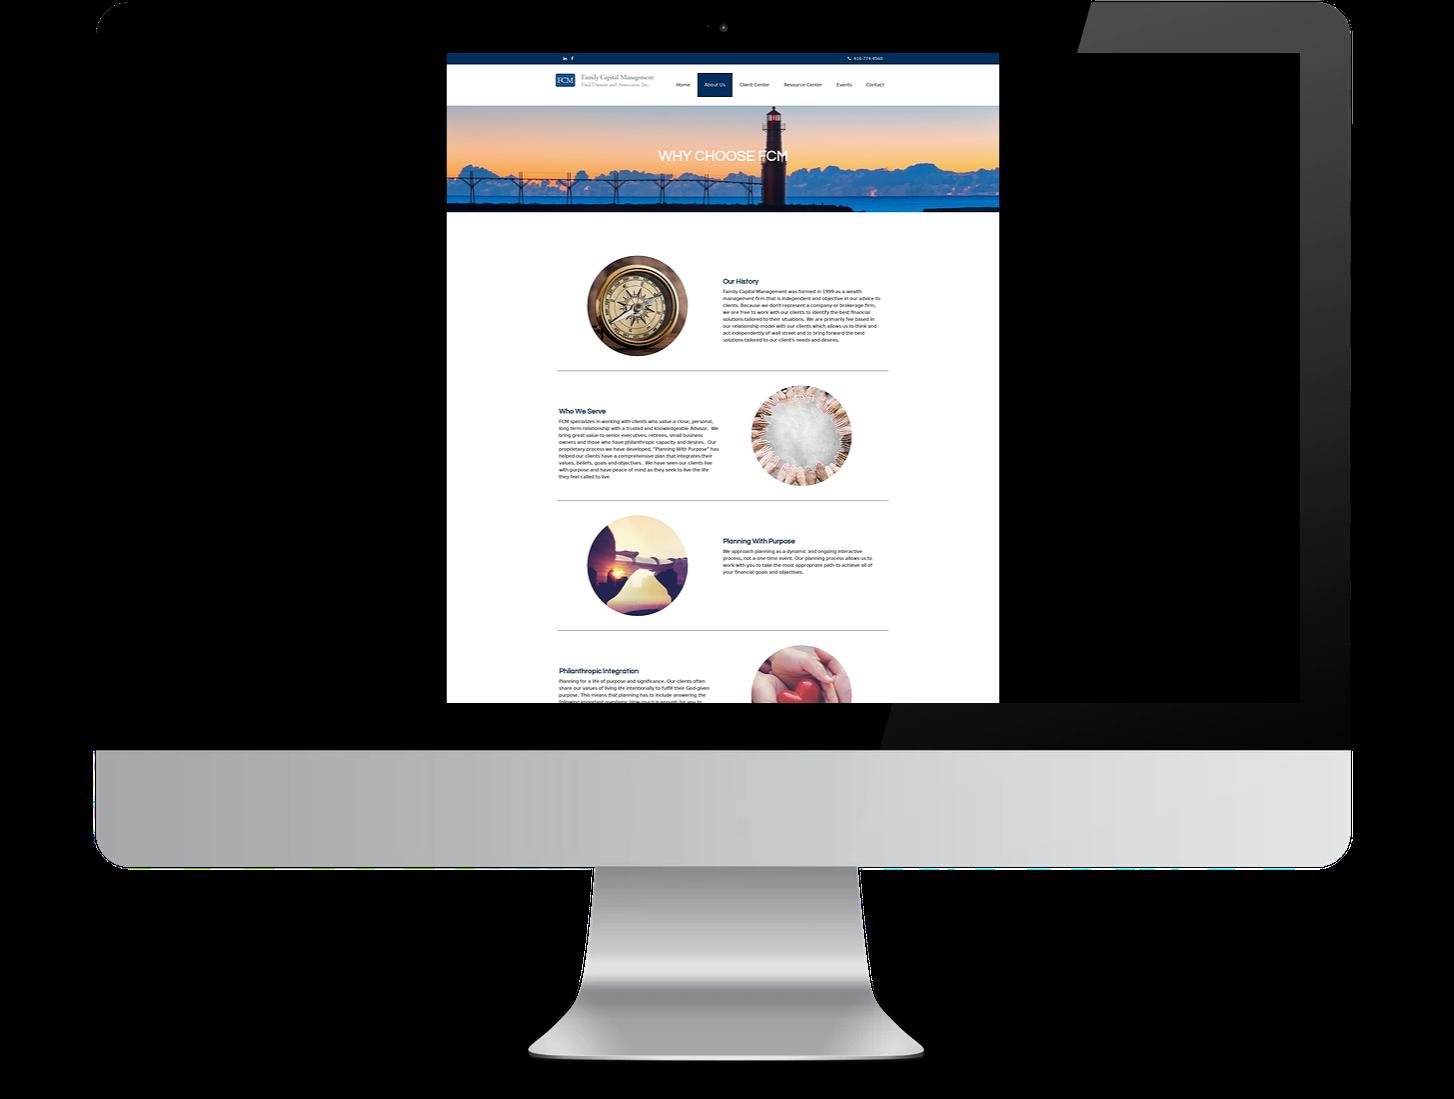 template-based financial advisor website